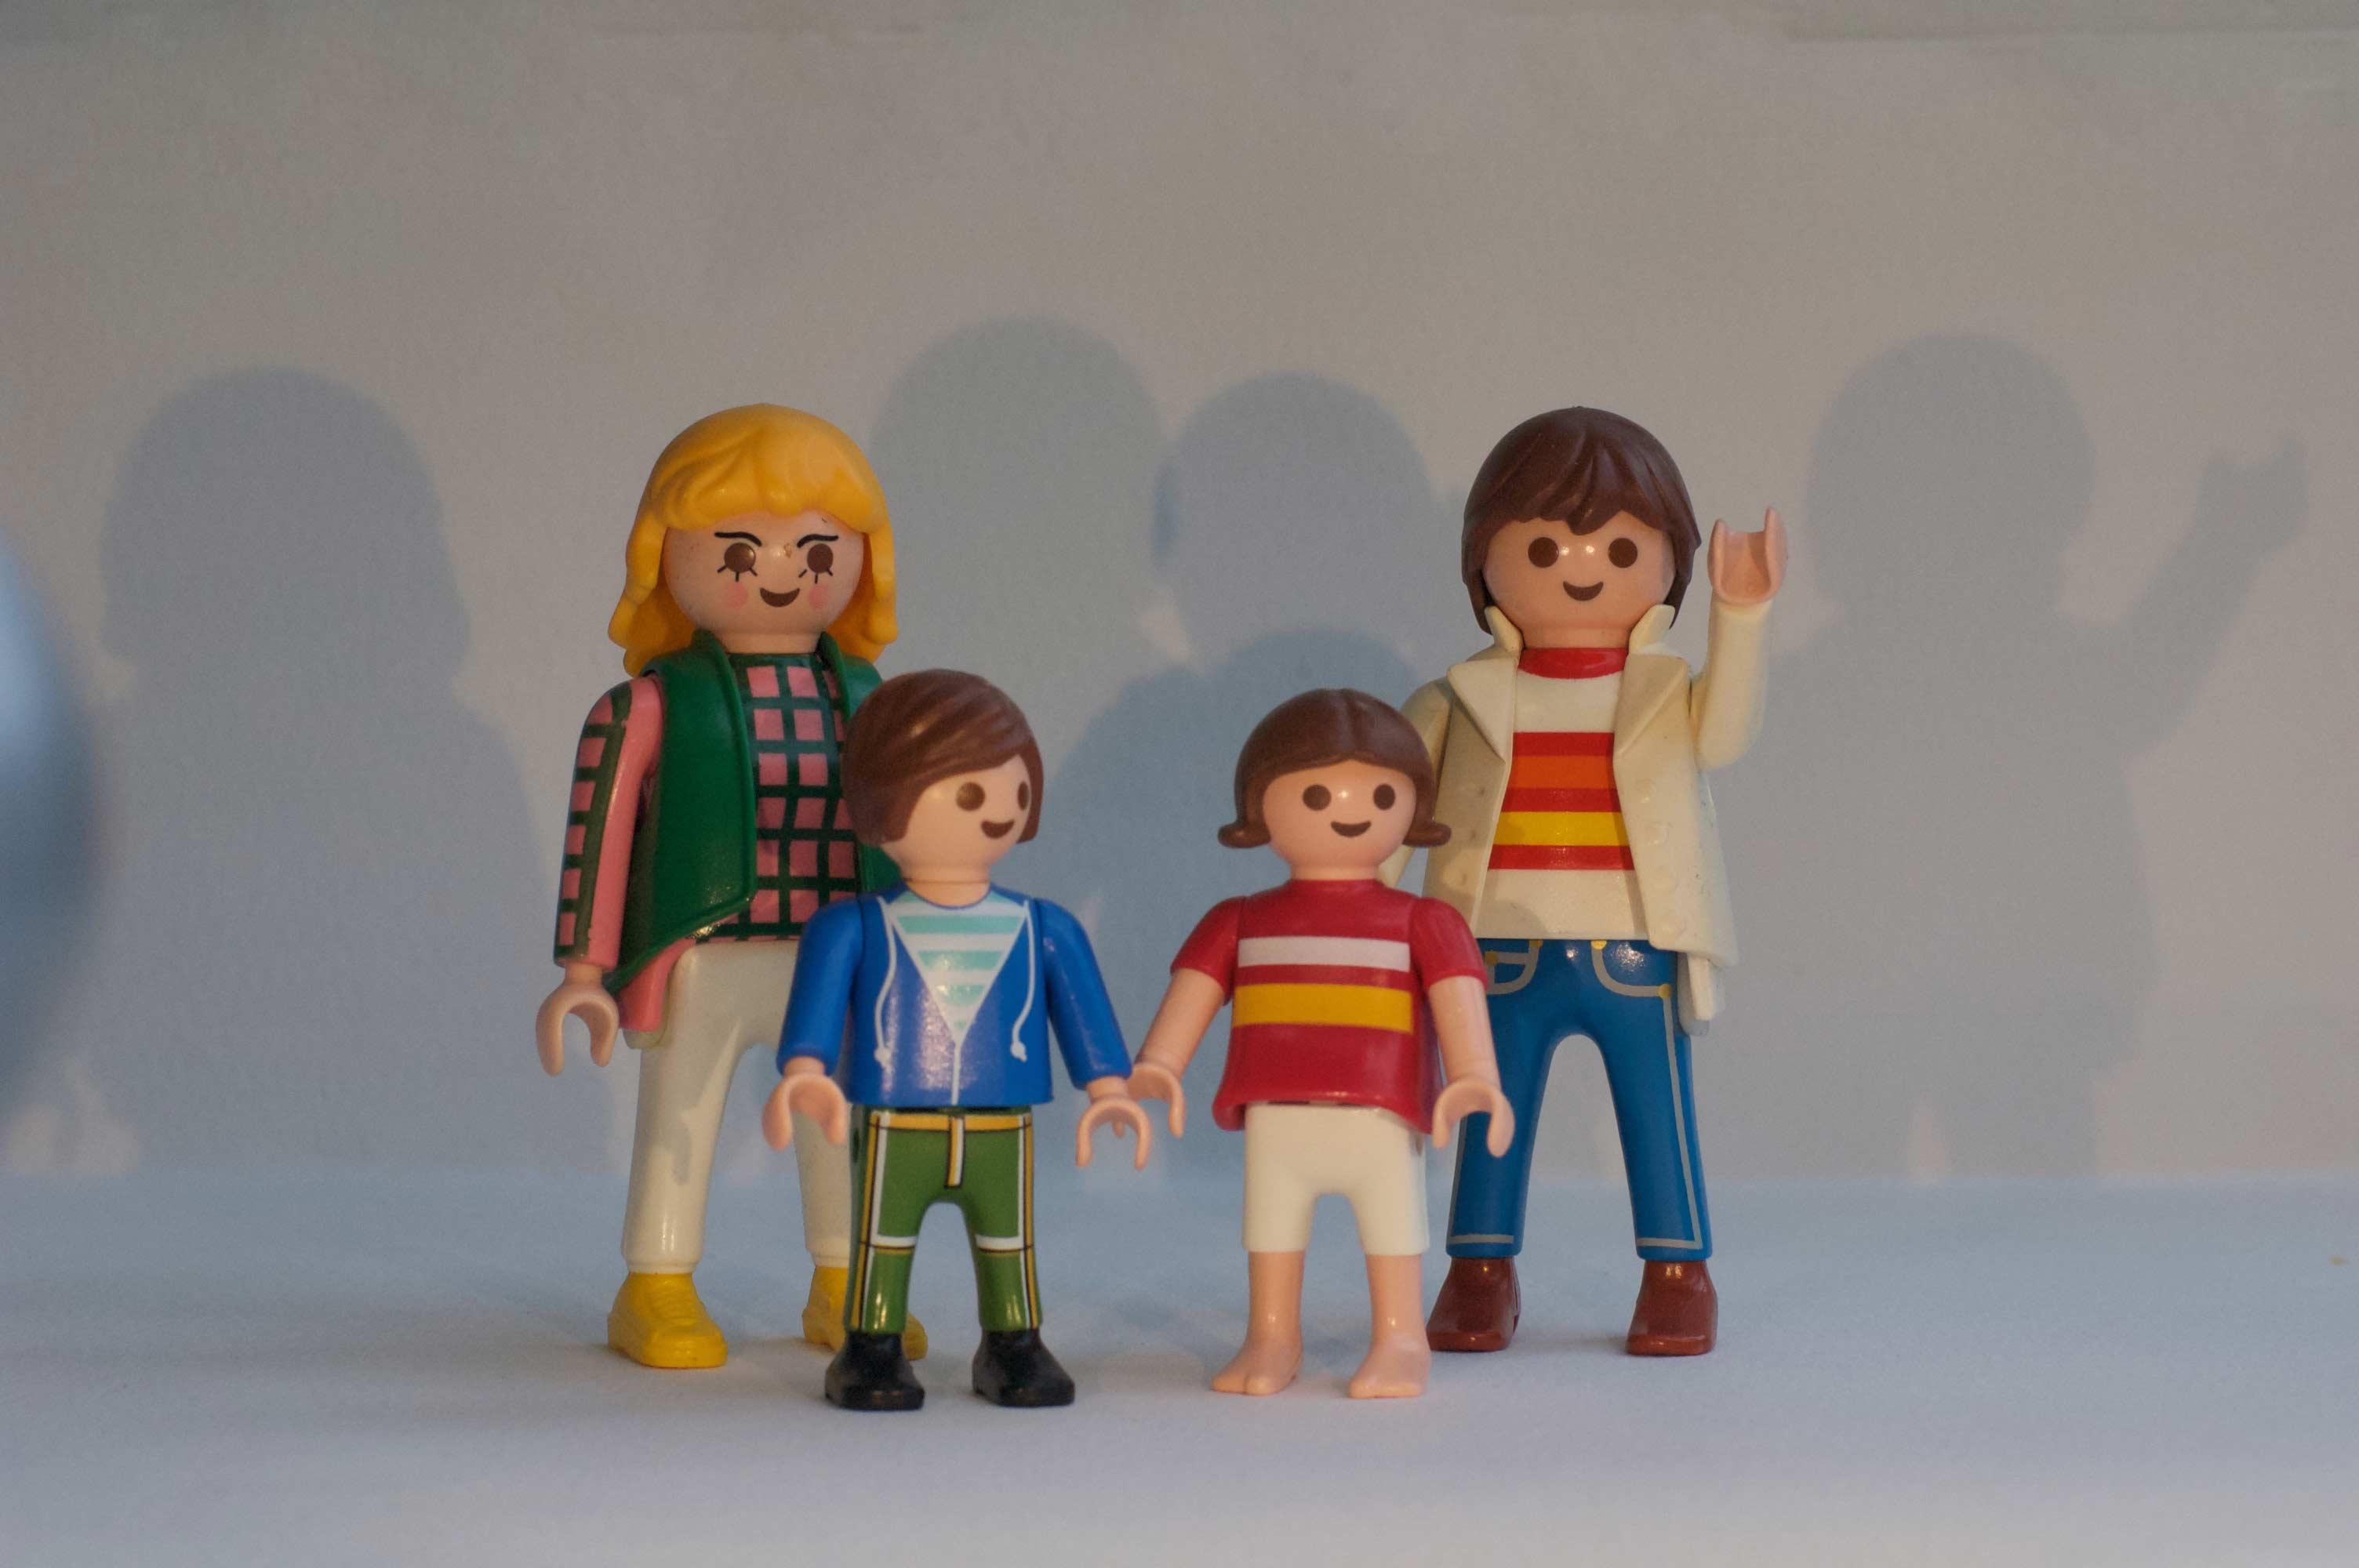 Afbeeldingsresultaat voor playmobil poppetjes